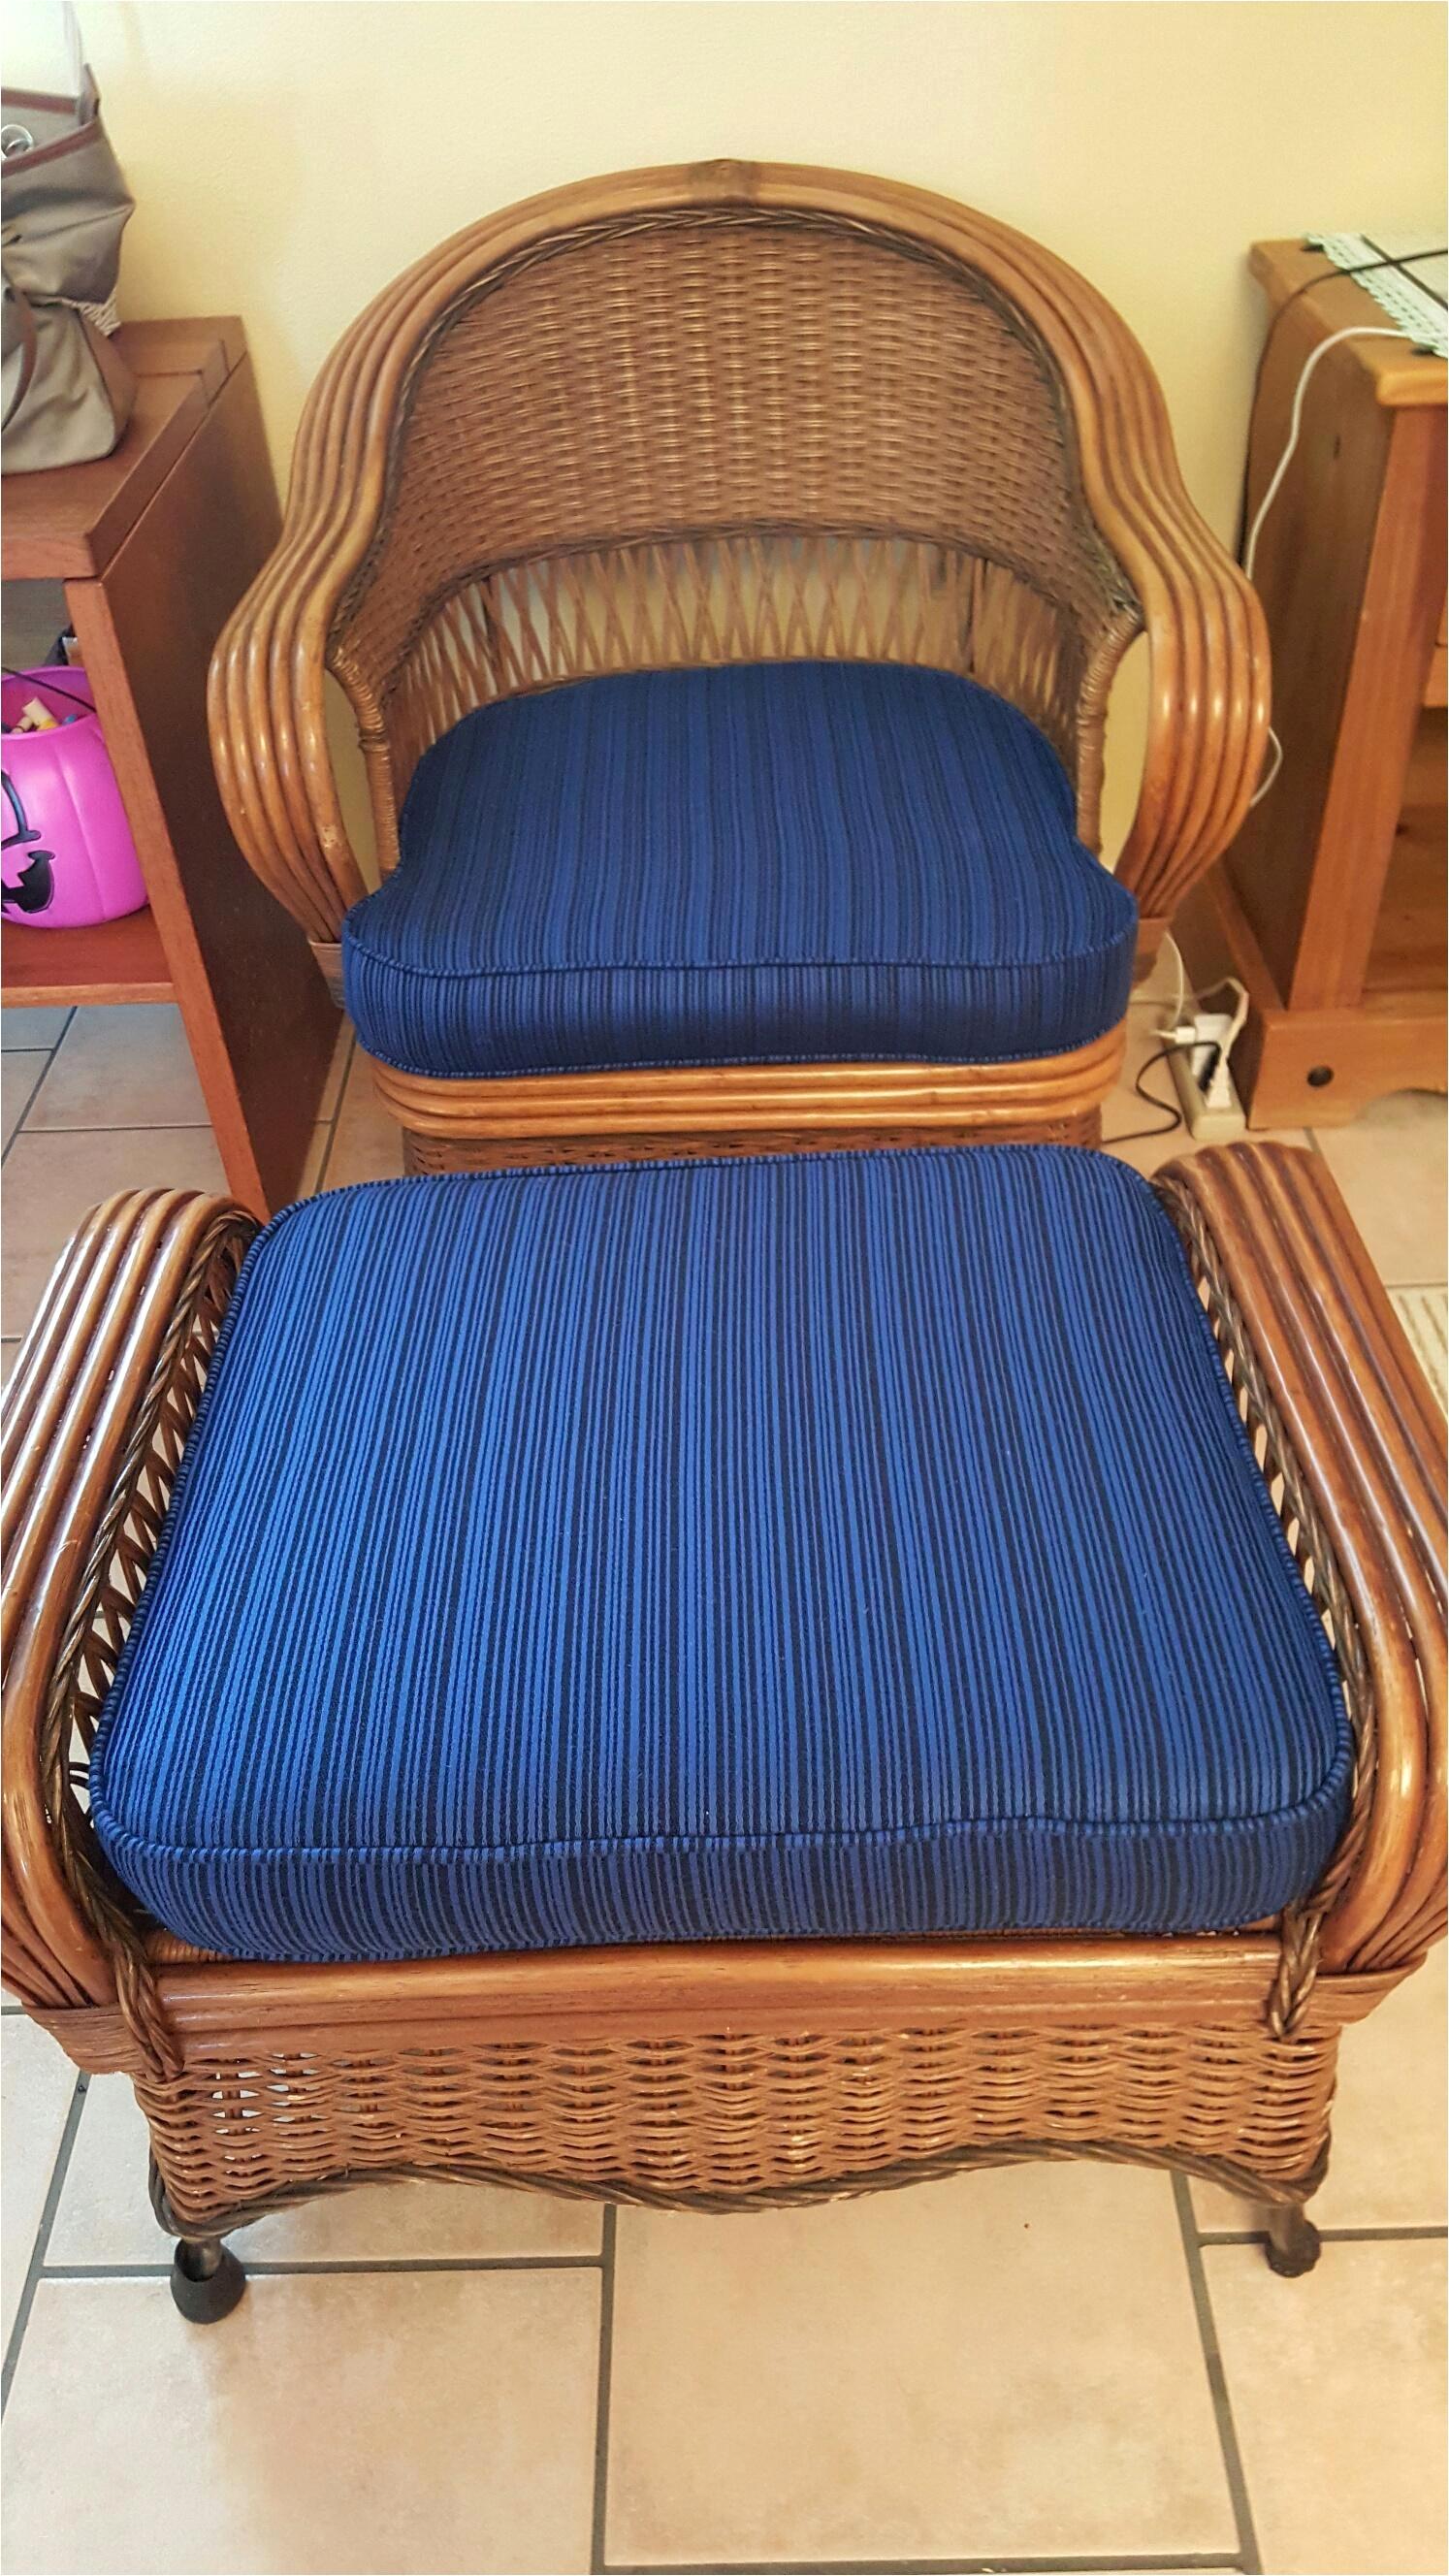 world market outdoor cushions lovely patio chair cushions cheap unique sophia papasan chair cushion world